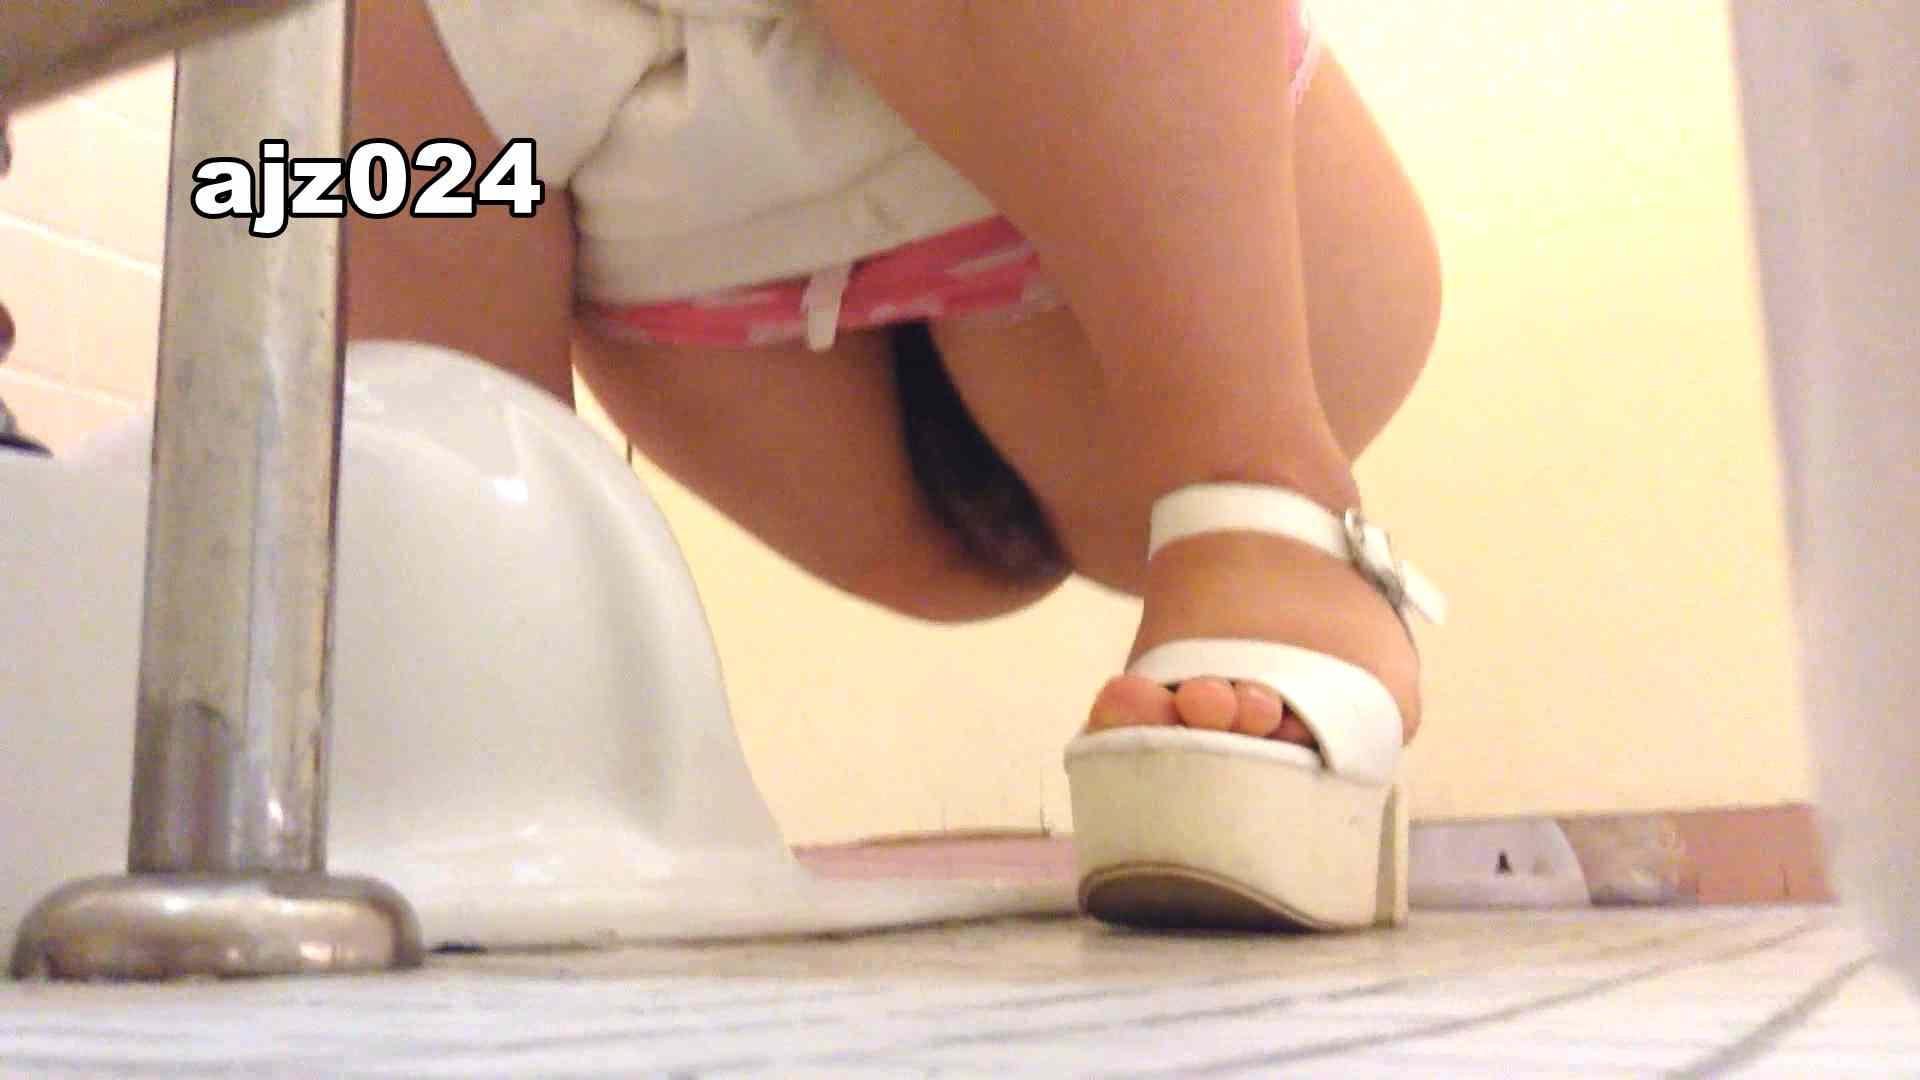 某有名大学女性洗面所 vol.24 和式 盗撮エロ画像 66連発 64